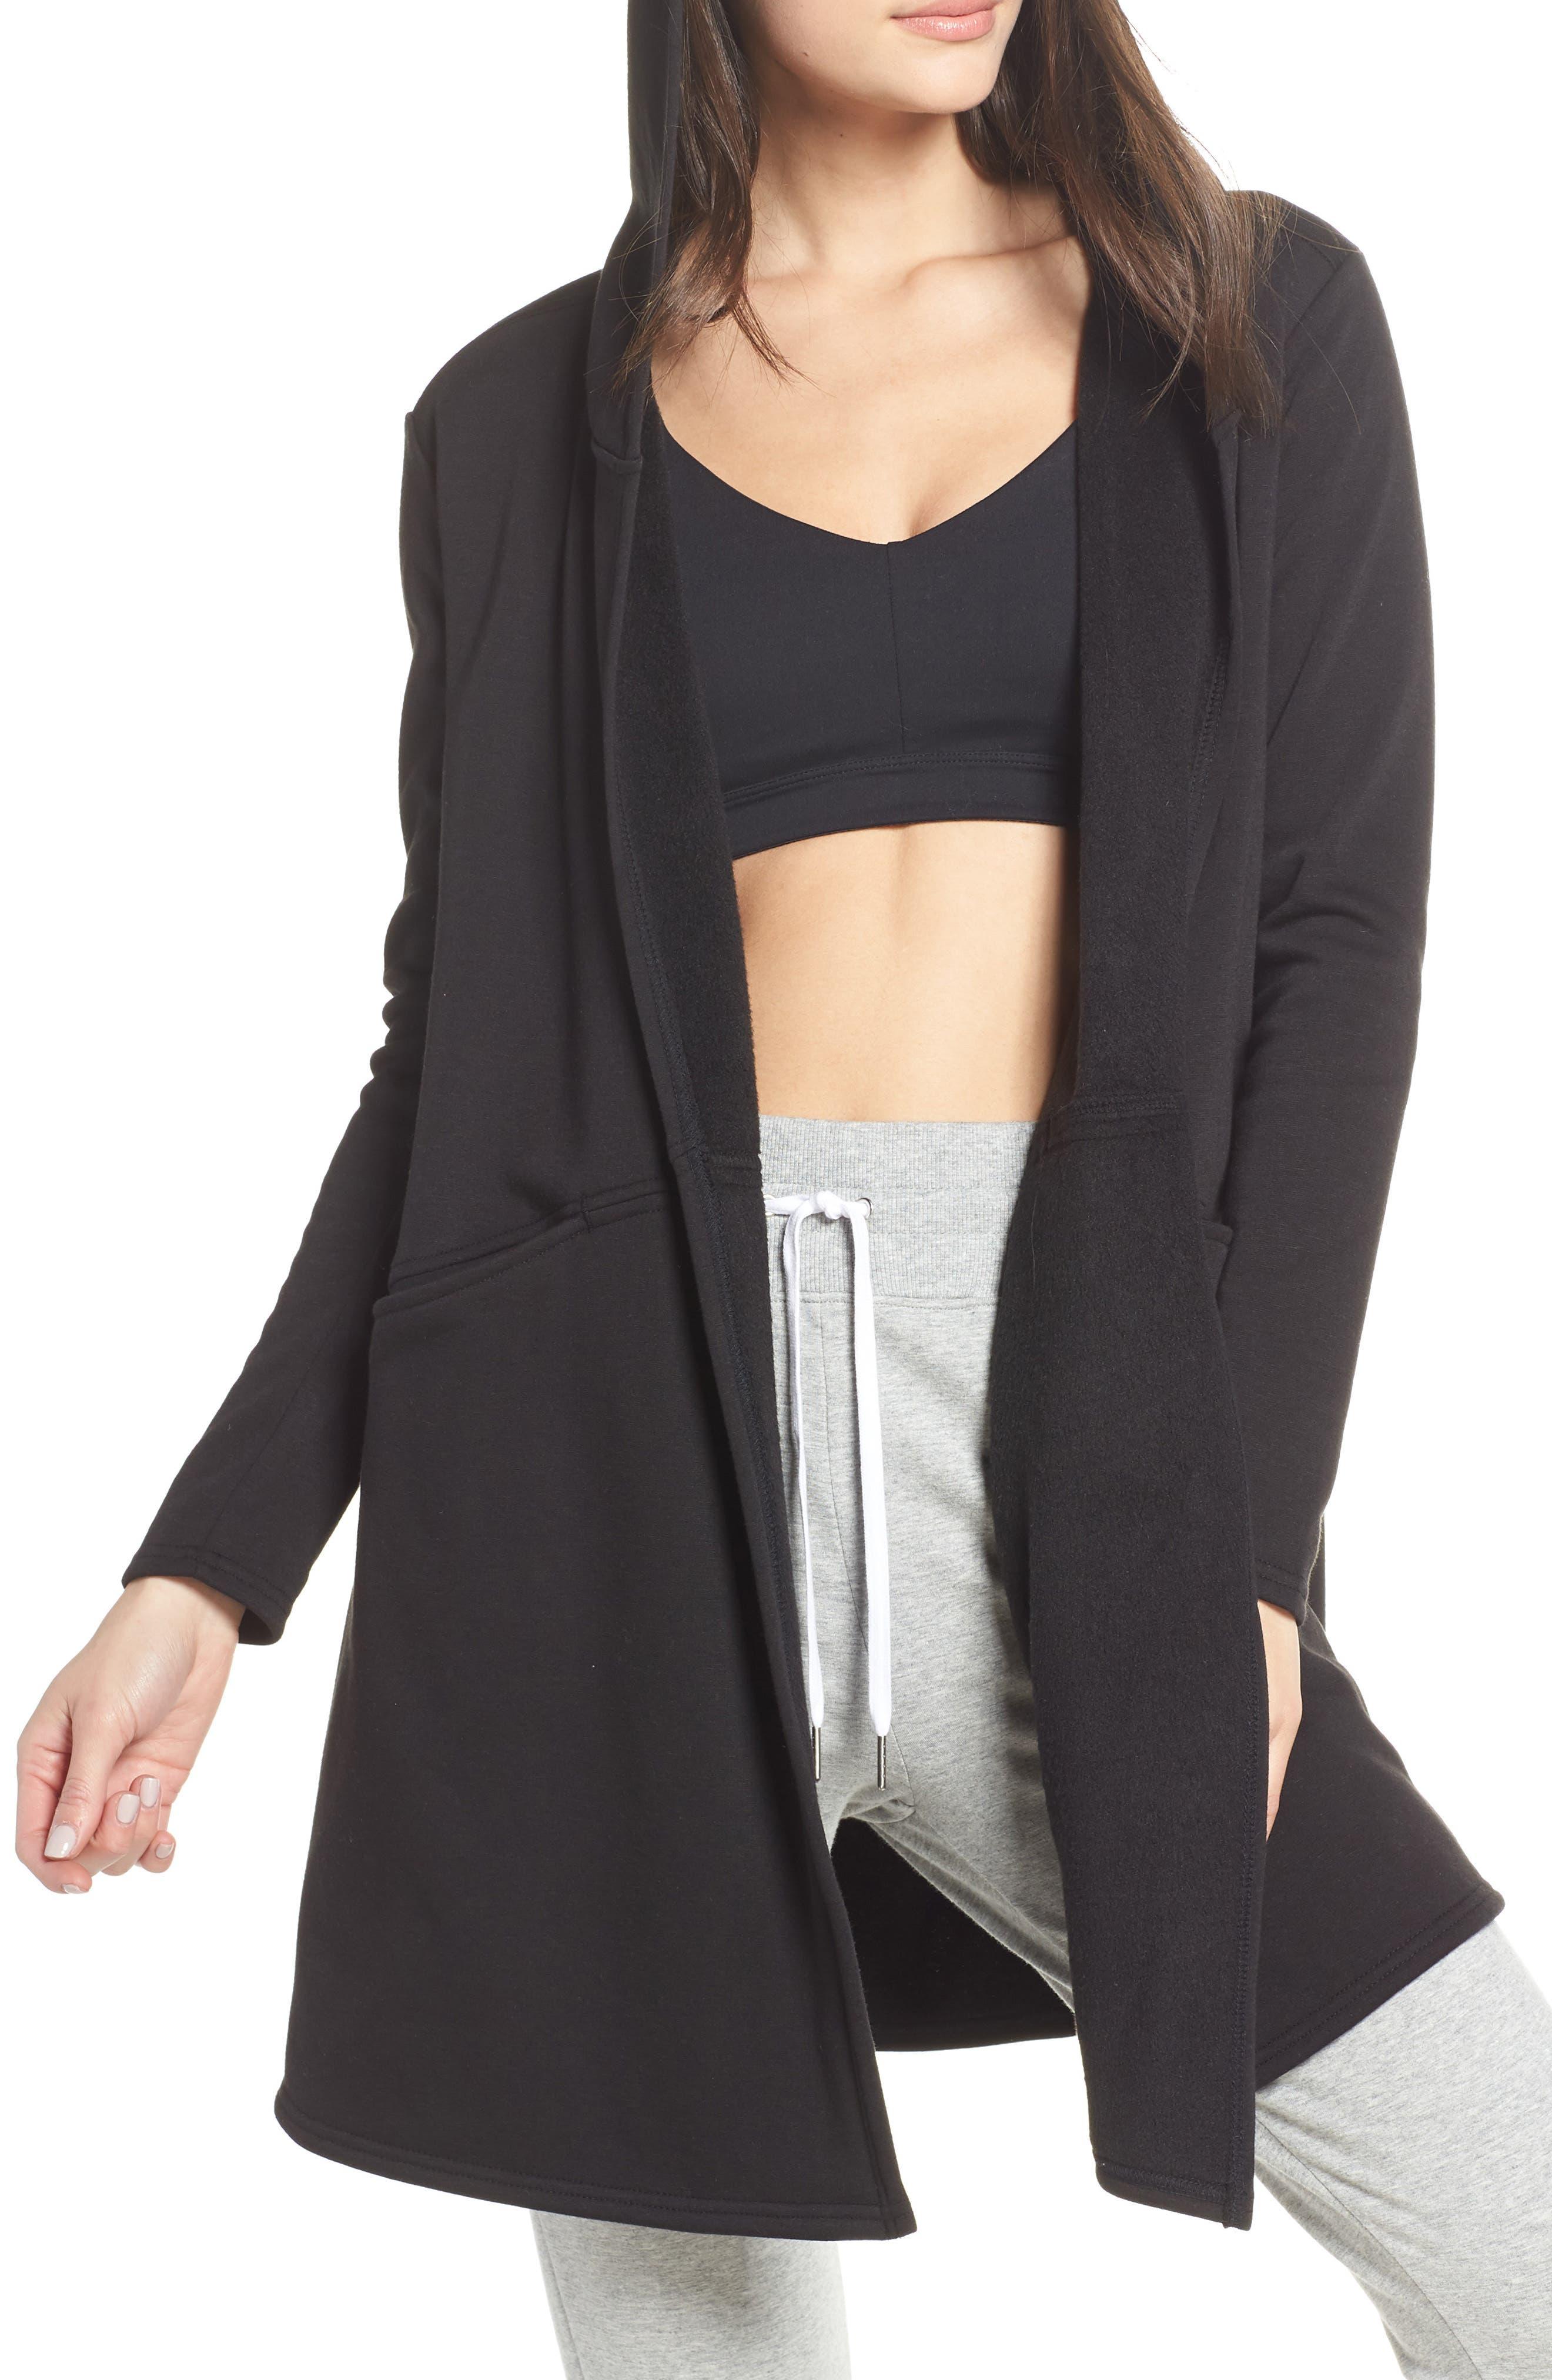 ZELLA,                             Plush Lined Wrap Hooded Jacket,                             Main thumbnail 1, color,                             001